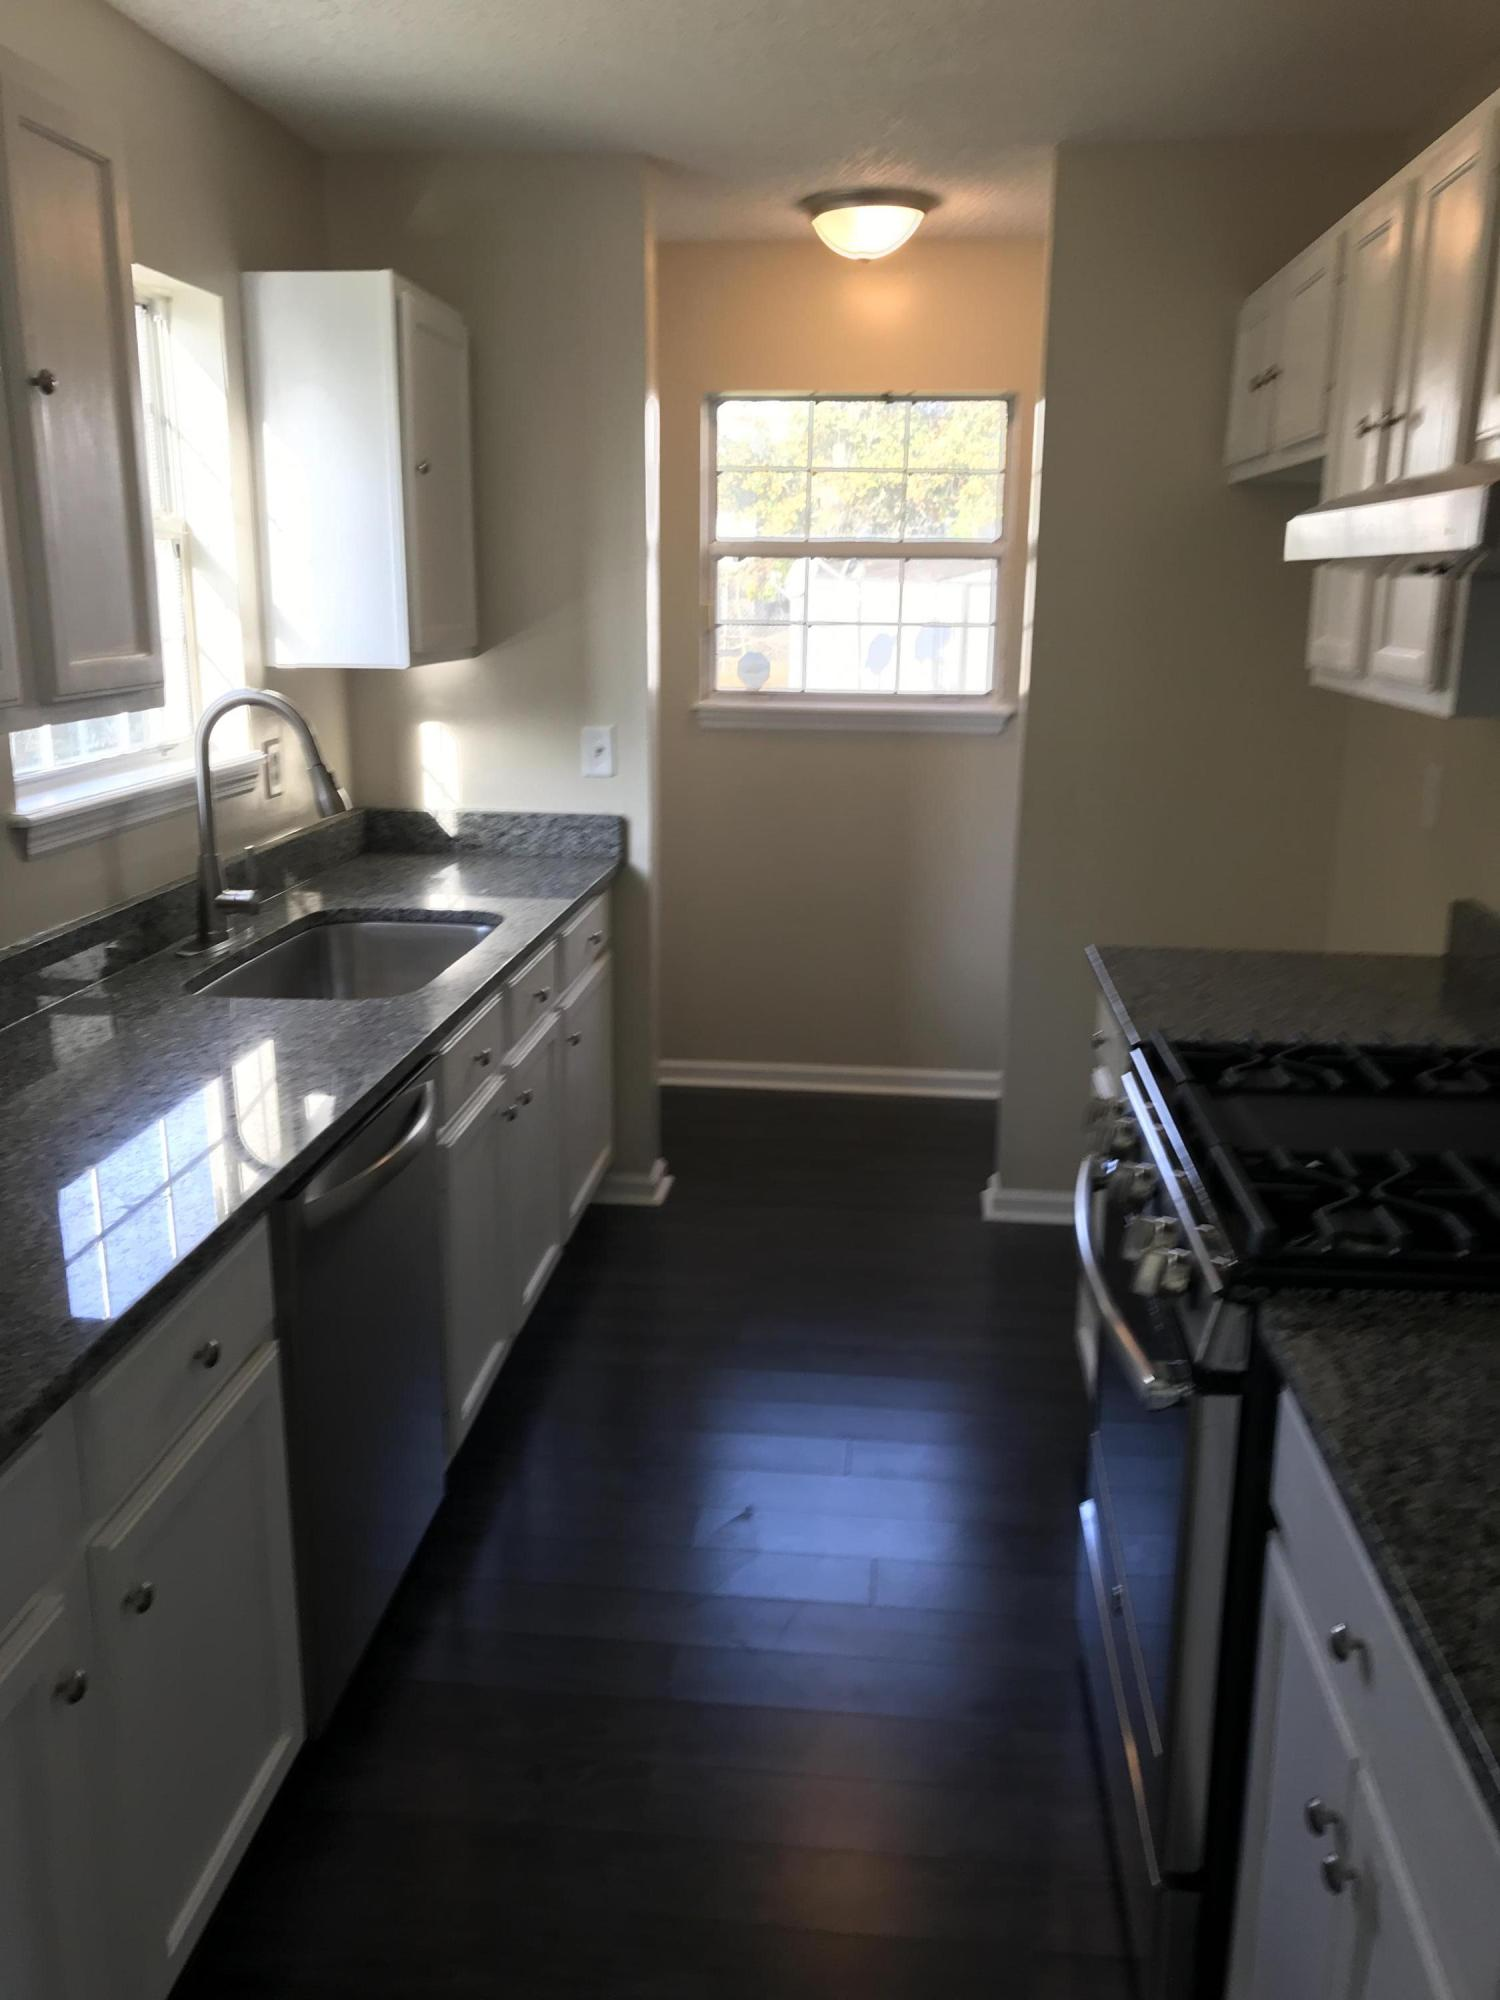 Woodlands Homes For Sale - 9 Woodleaf, Charleston, SC - 3